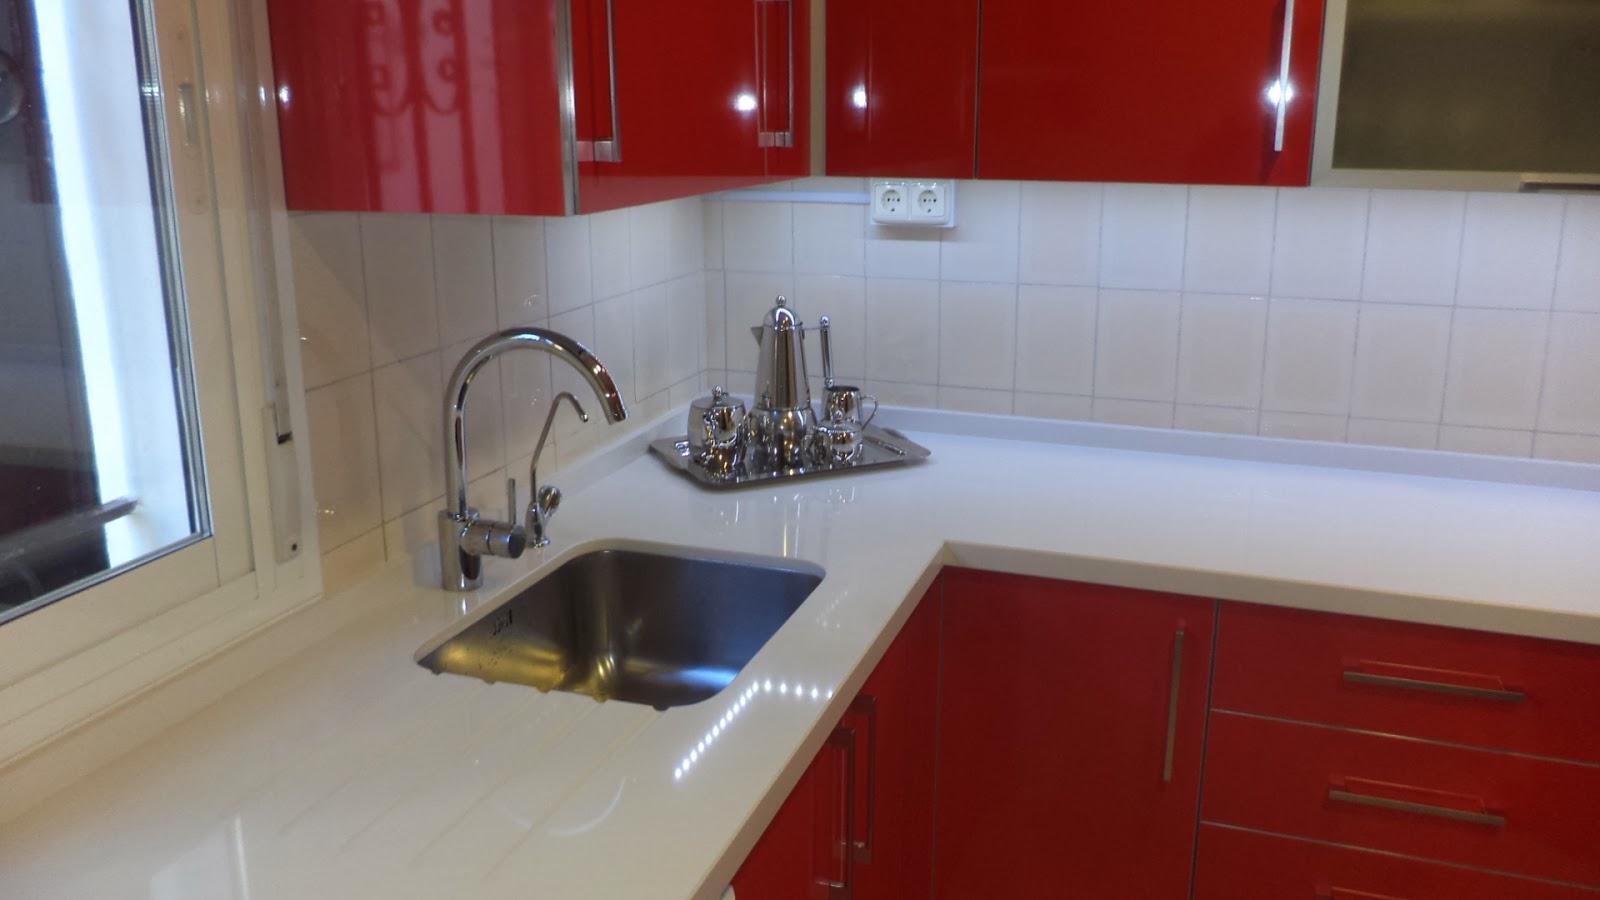 Muebles sevilla barbero 8 cocina en formica roja y for Encimeras de cocina formica precios